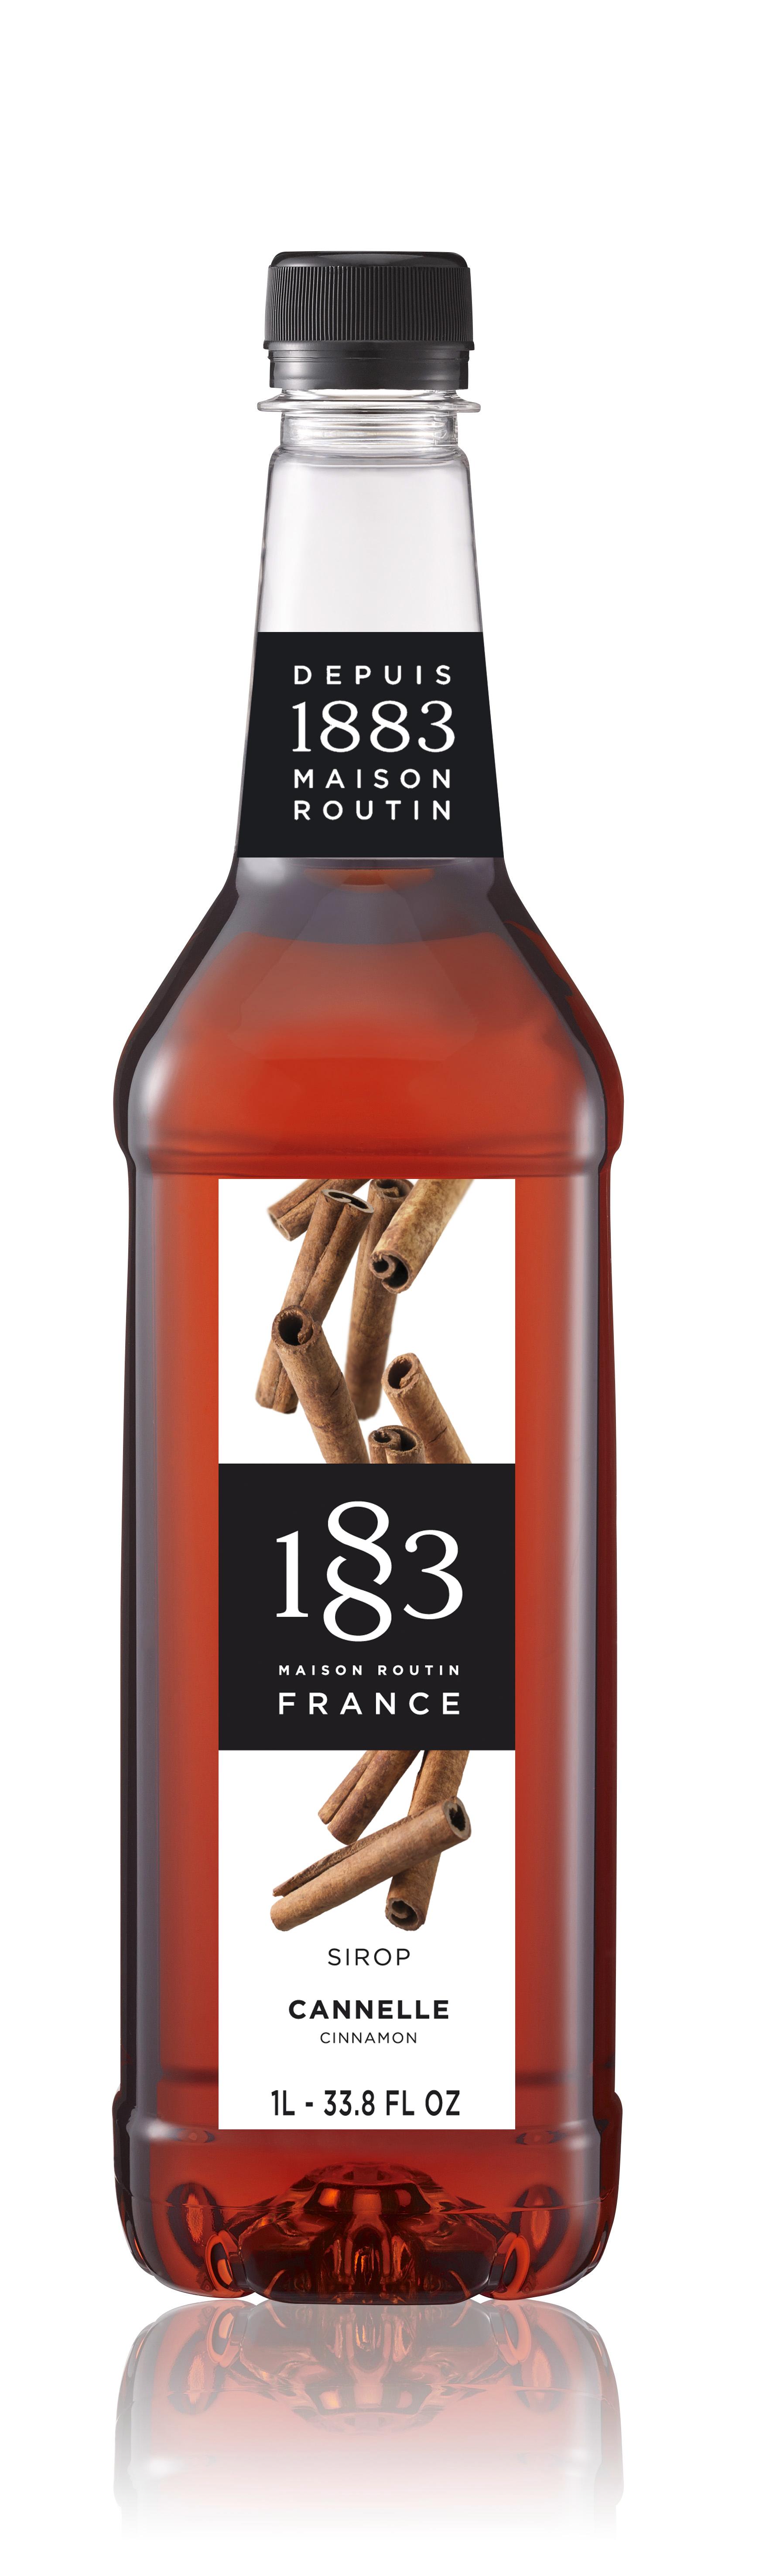 1883 Syrup Cinnamon 1L PET Plastic Bottle